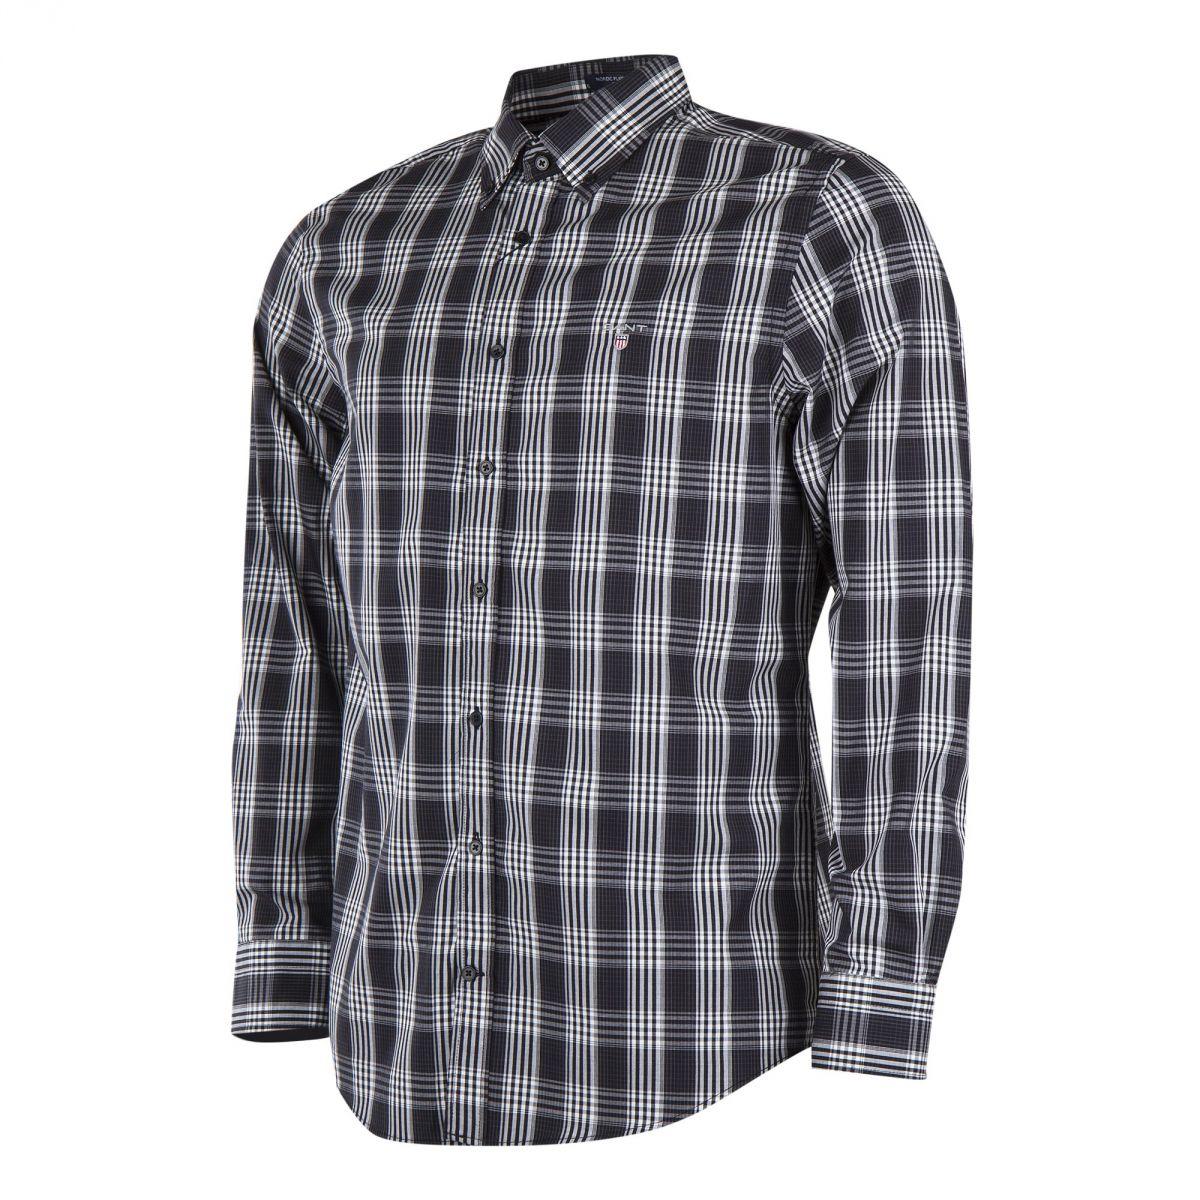 chemise carreaux noire et blanche homme gant prix d griff. Black Bedroom Furniture Sets. Home Design Ideas